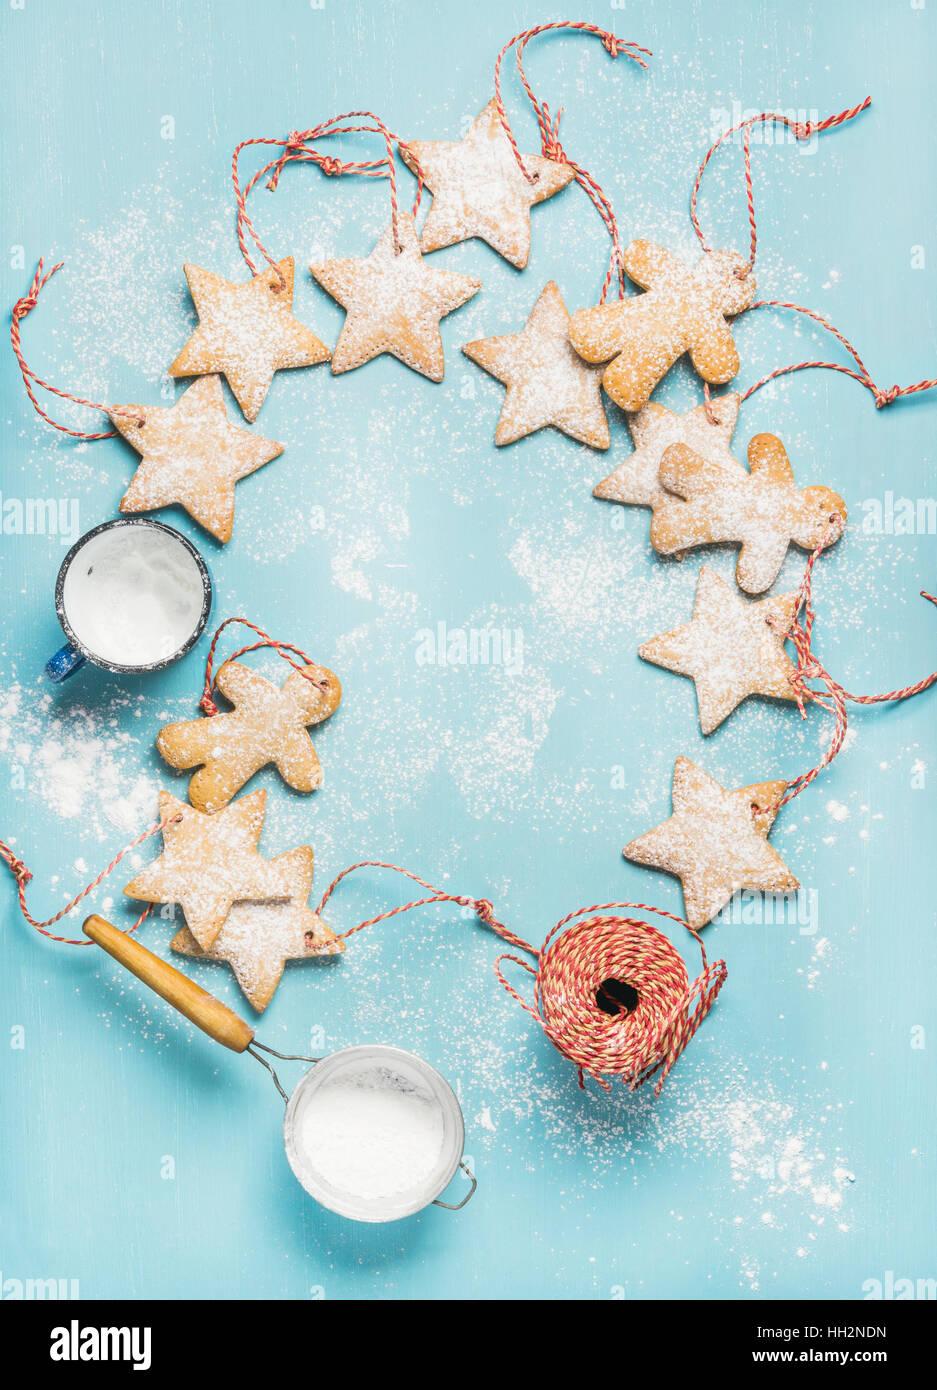 Gingerbread cookies de Noël avec du sucre en poudre et corde de décoration Photo Stock